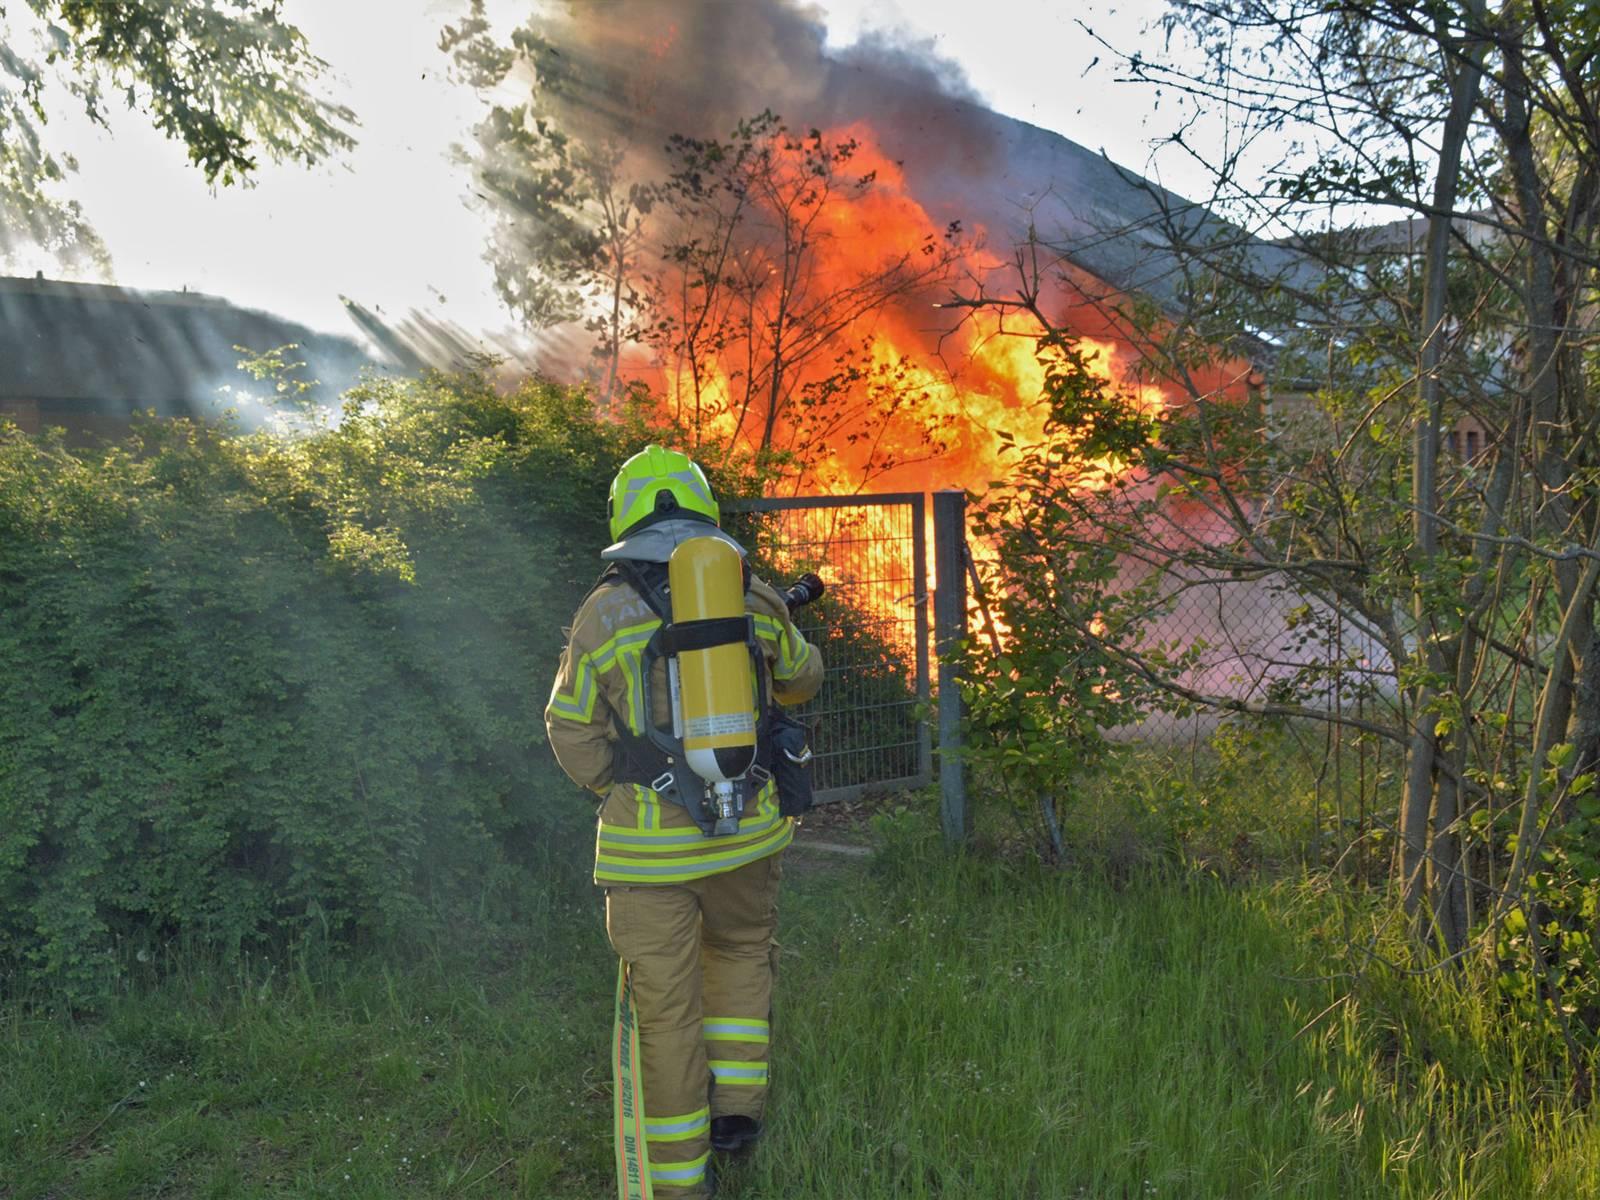 Am Montagabend brannte ein Geräteschuppen auf dem Gelände des städtischen Horts im Spielpark Roderbruch.